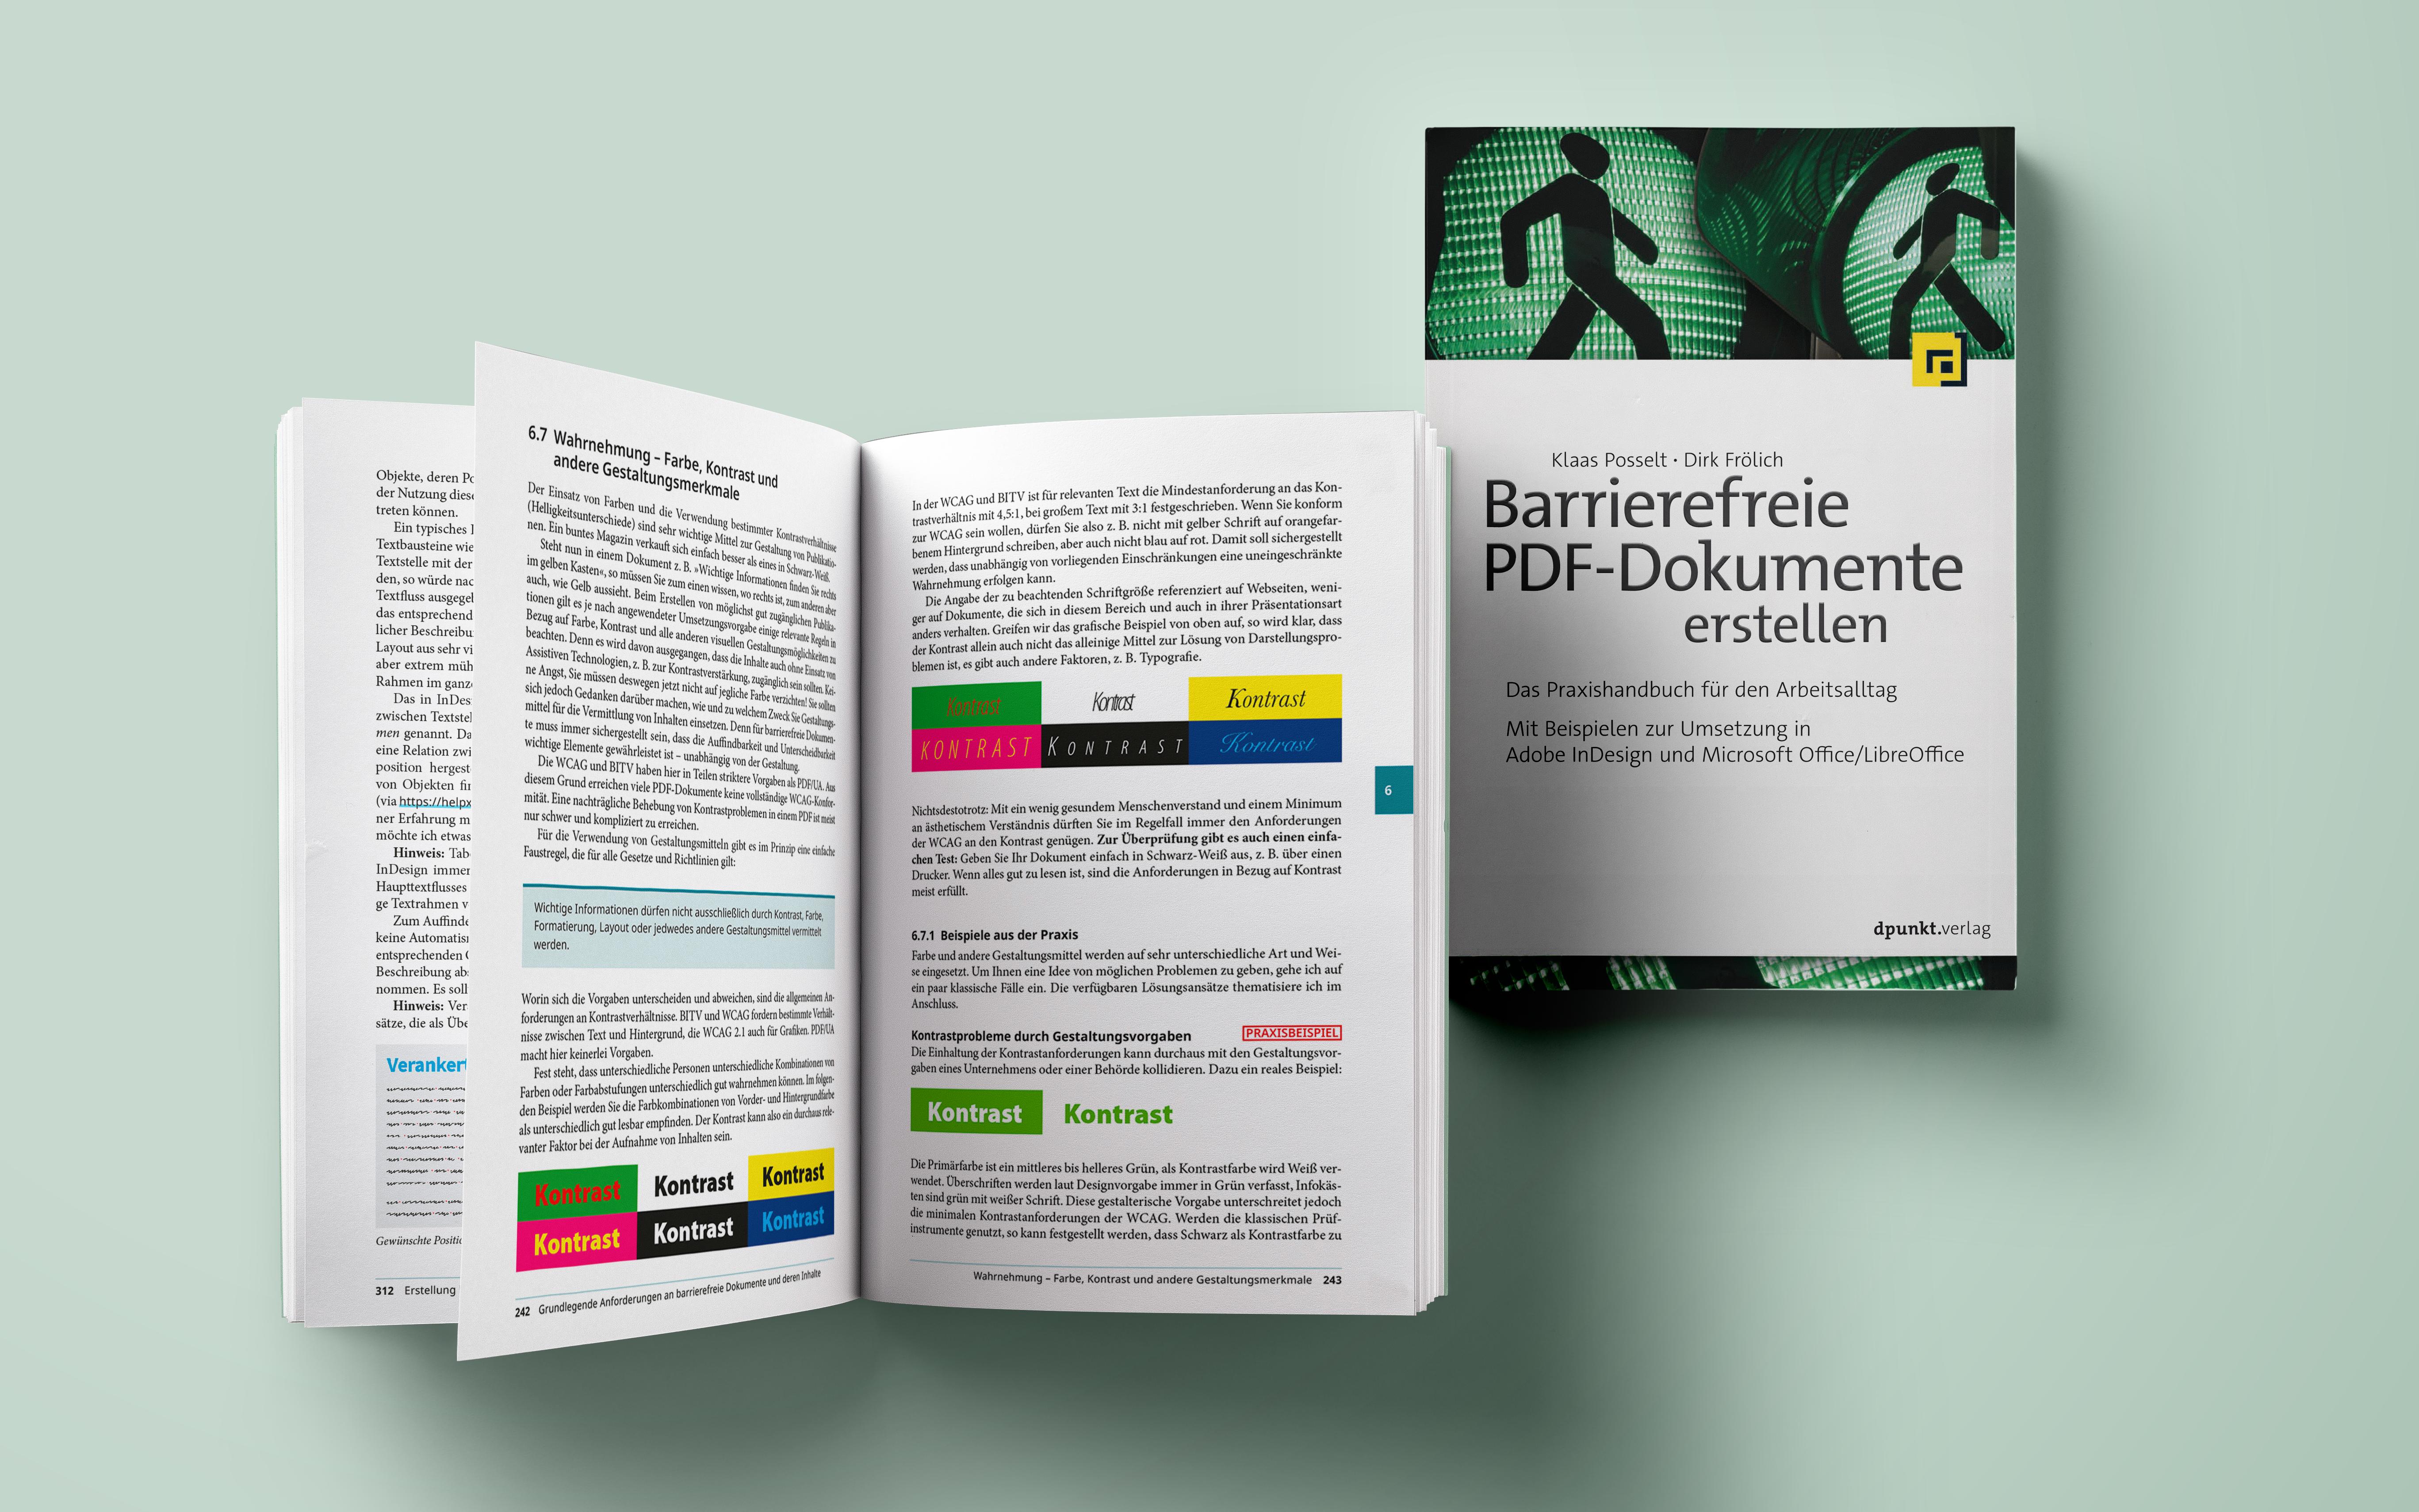 Buch: Barrierefreie PDF-Dokumente erstellen von Klaas Posselt